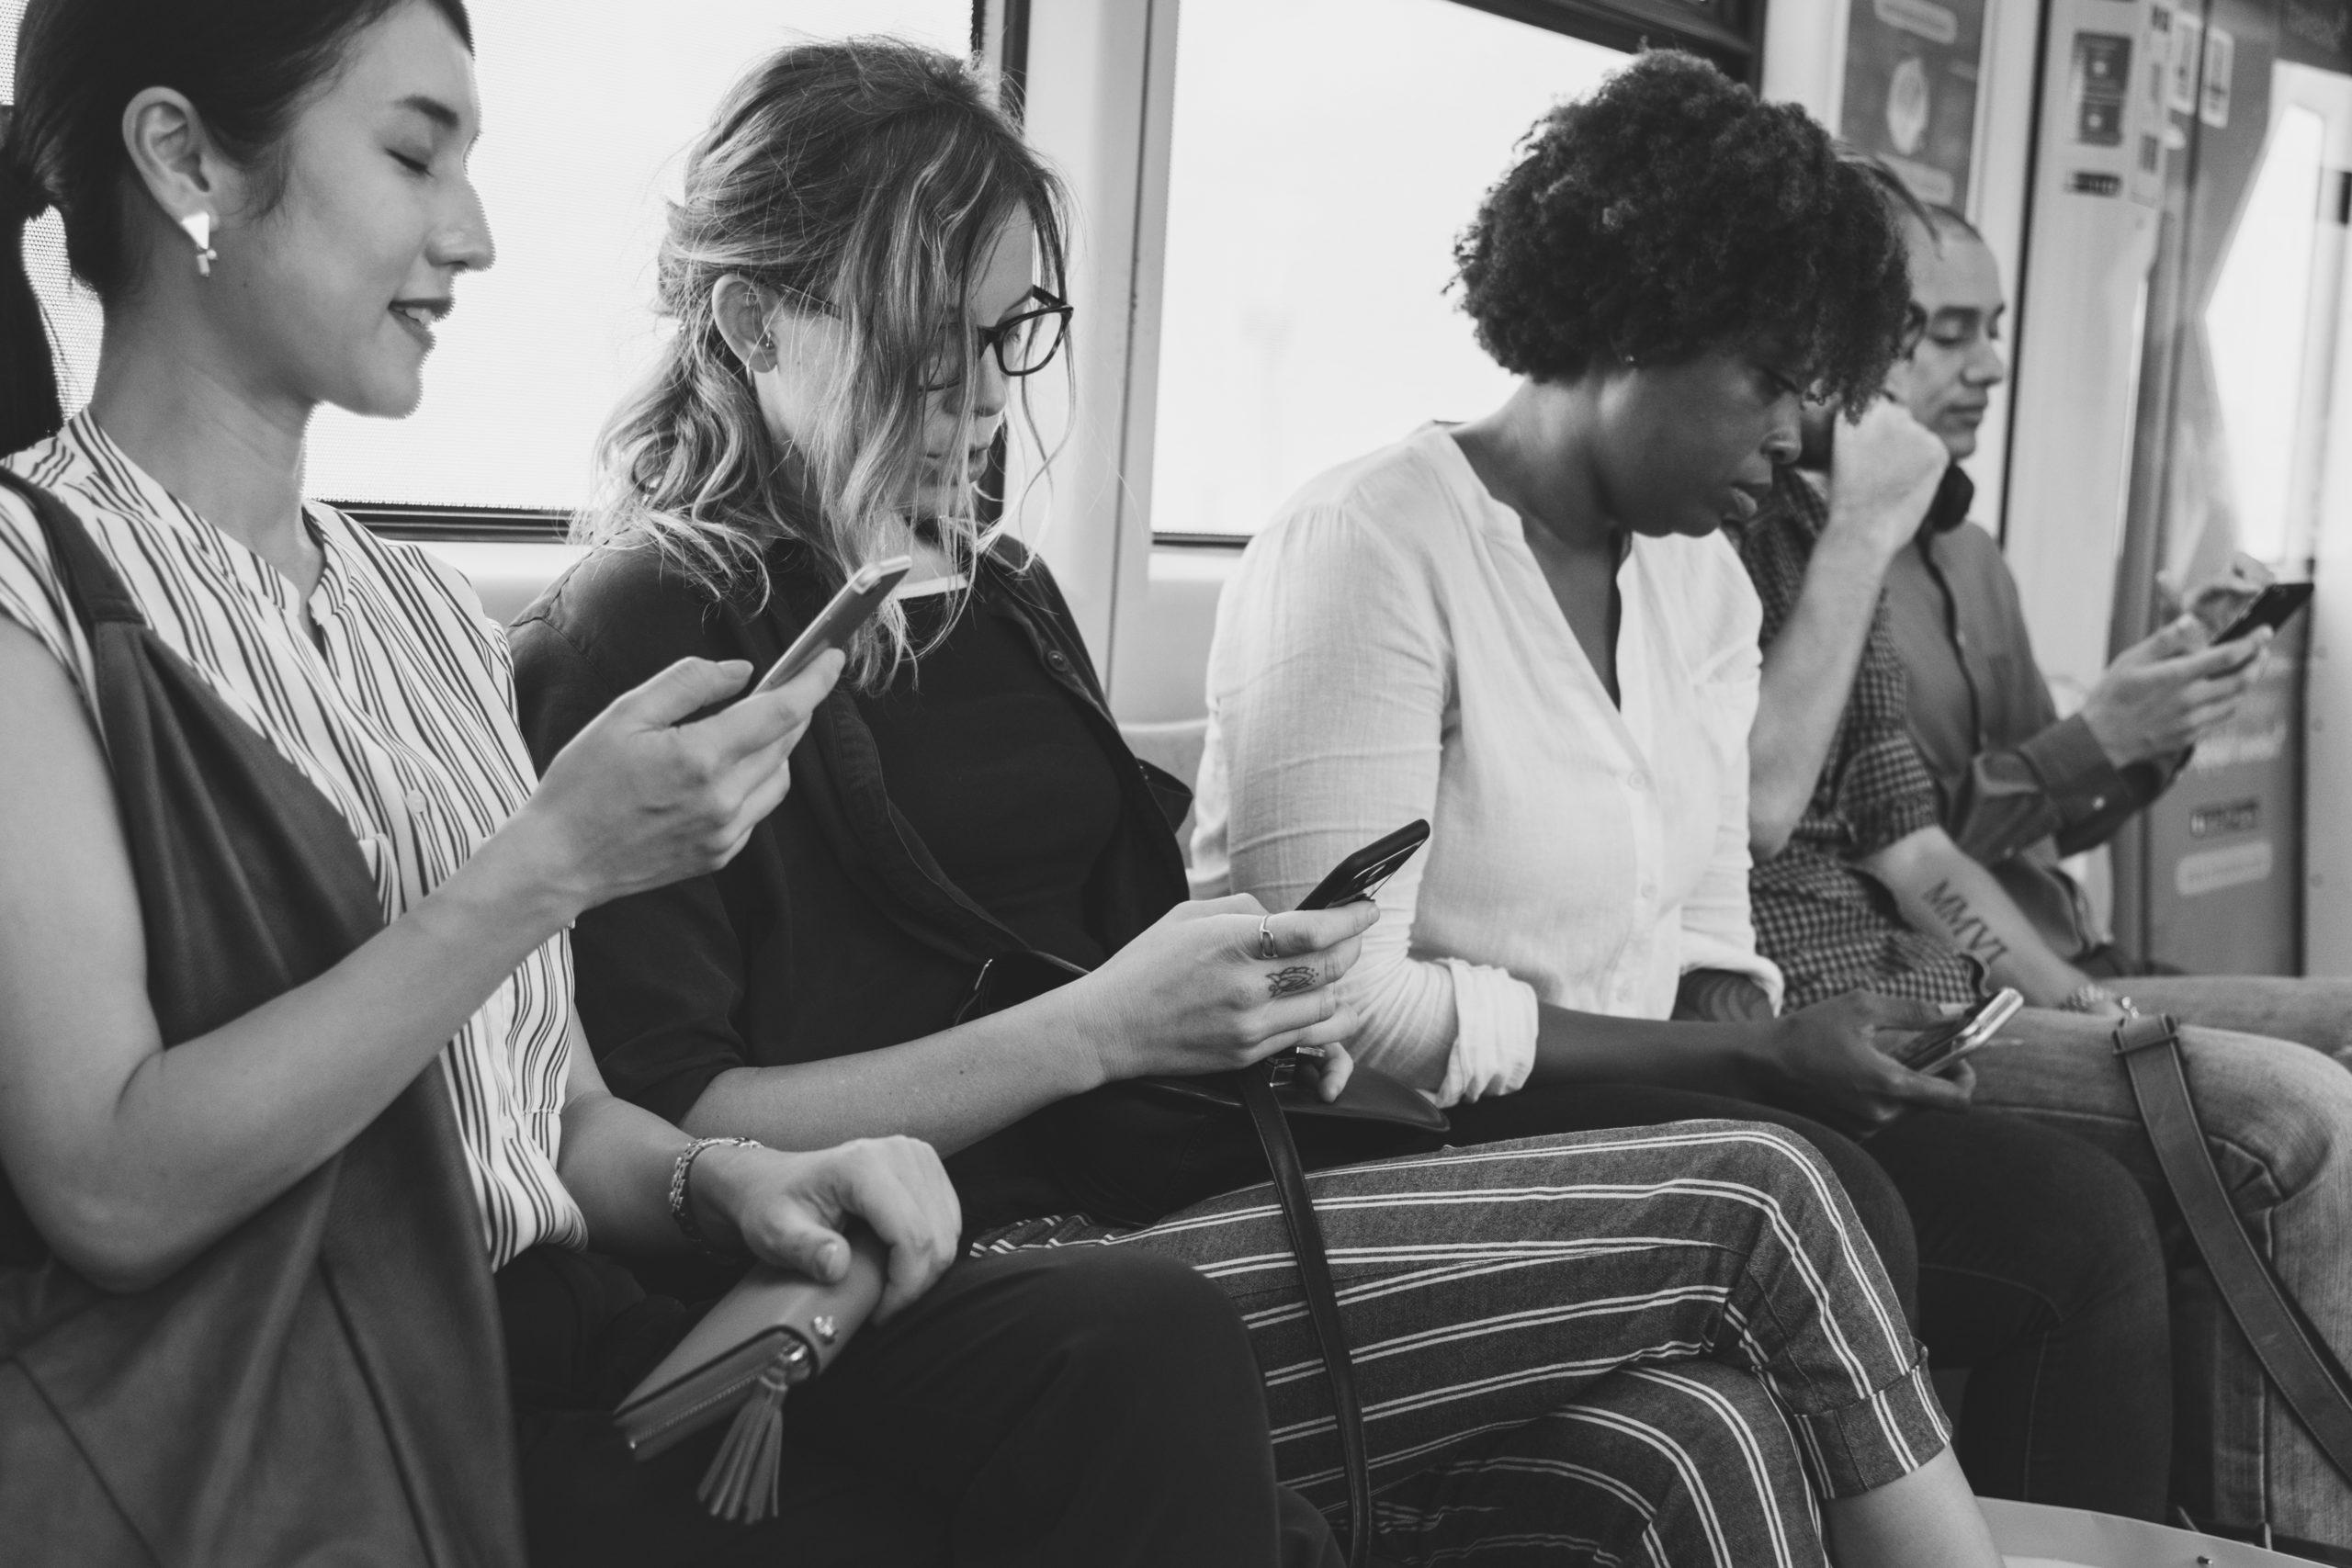 Ulises y el uso del móvil